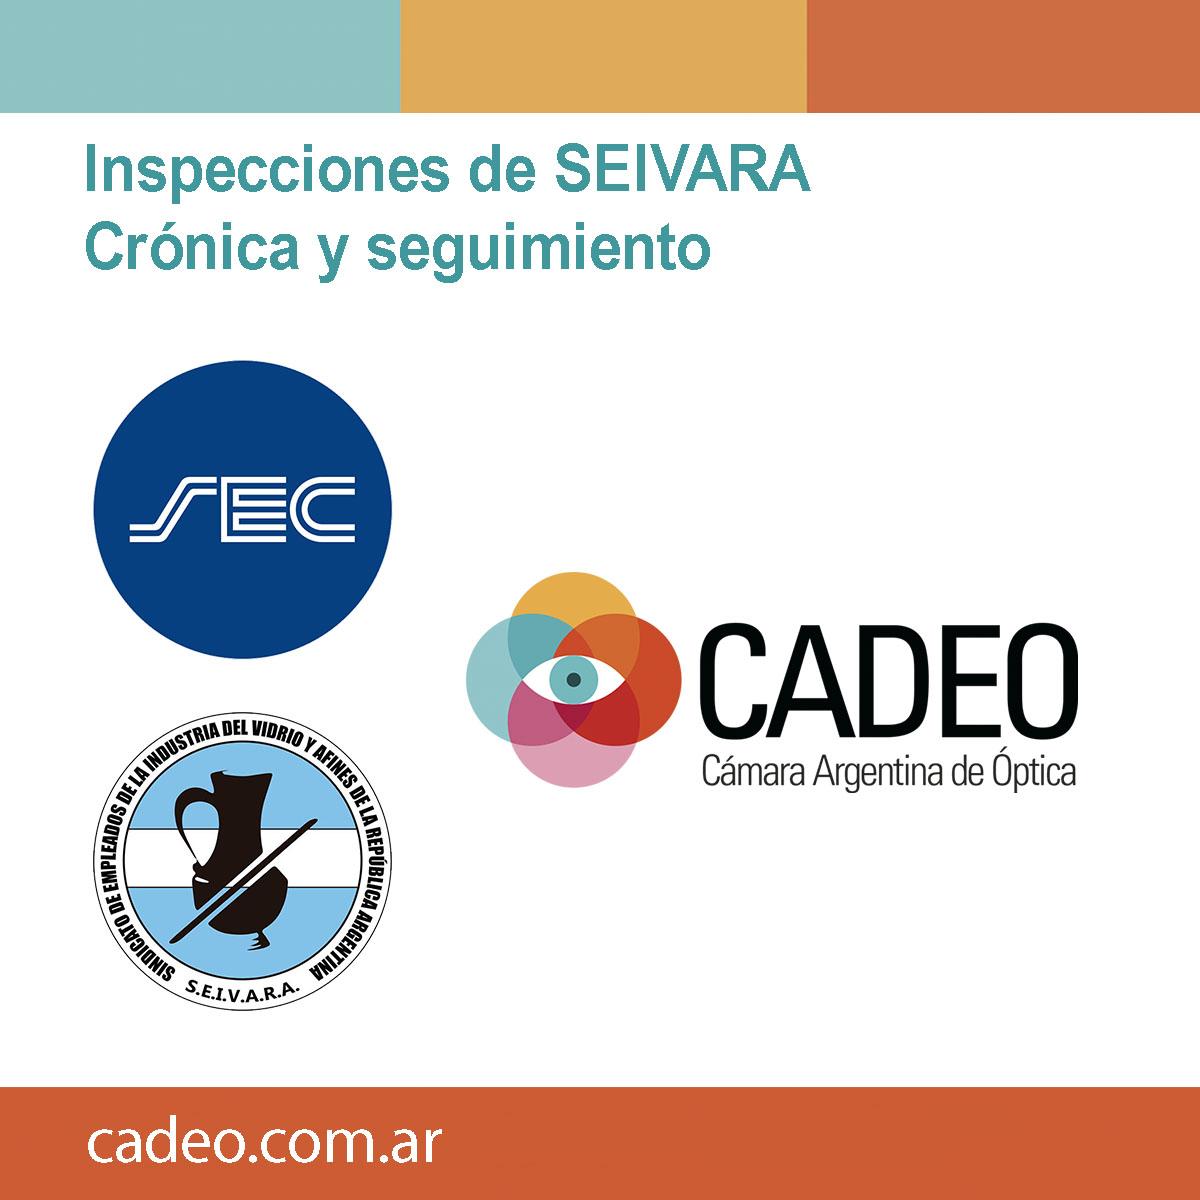 Inspecciones de SEIVARA Crónica y seguimiento